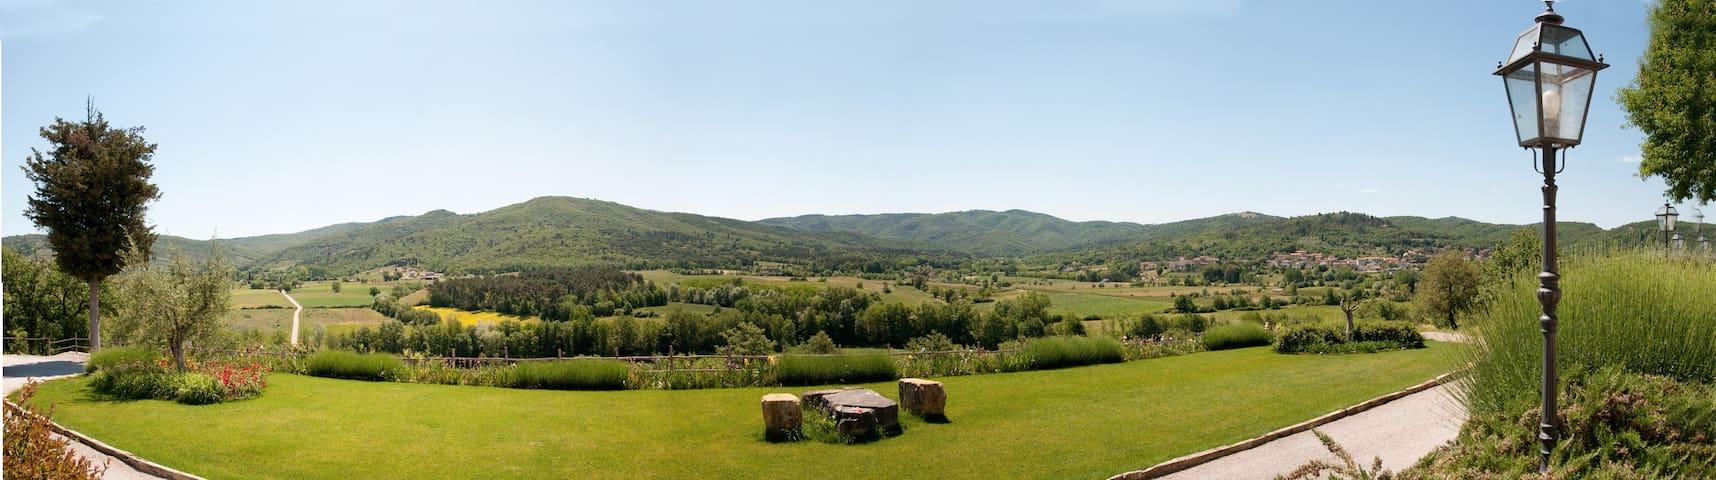 Vista sulla campagna